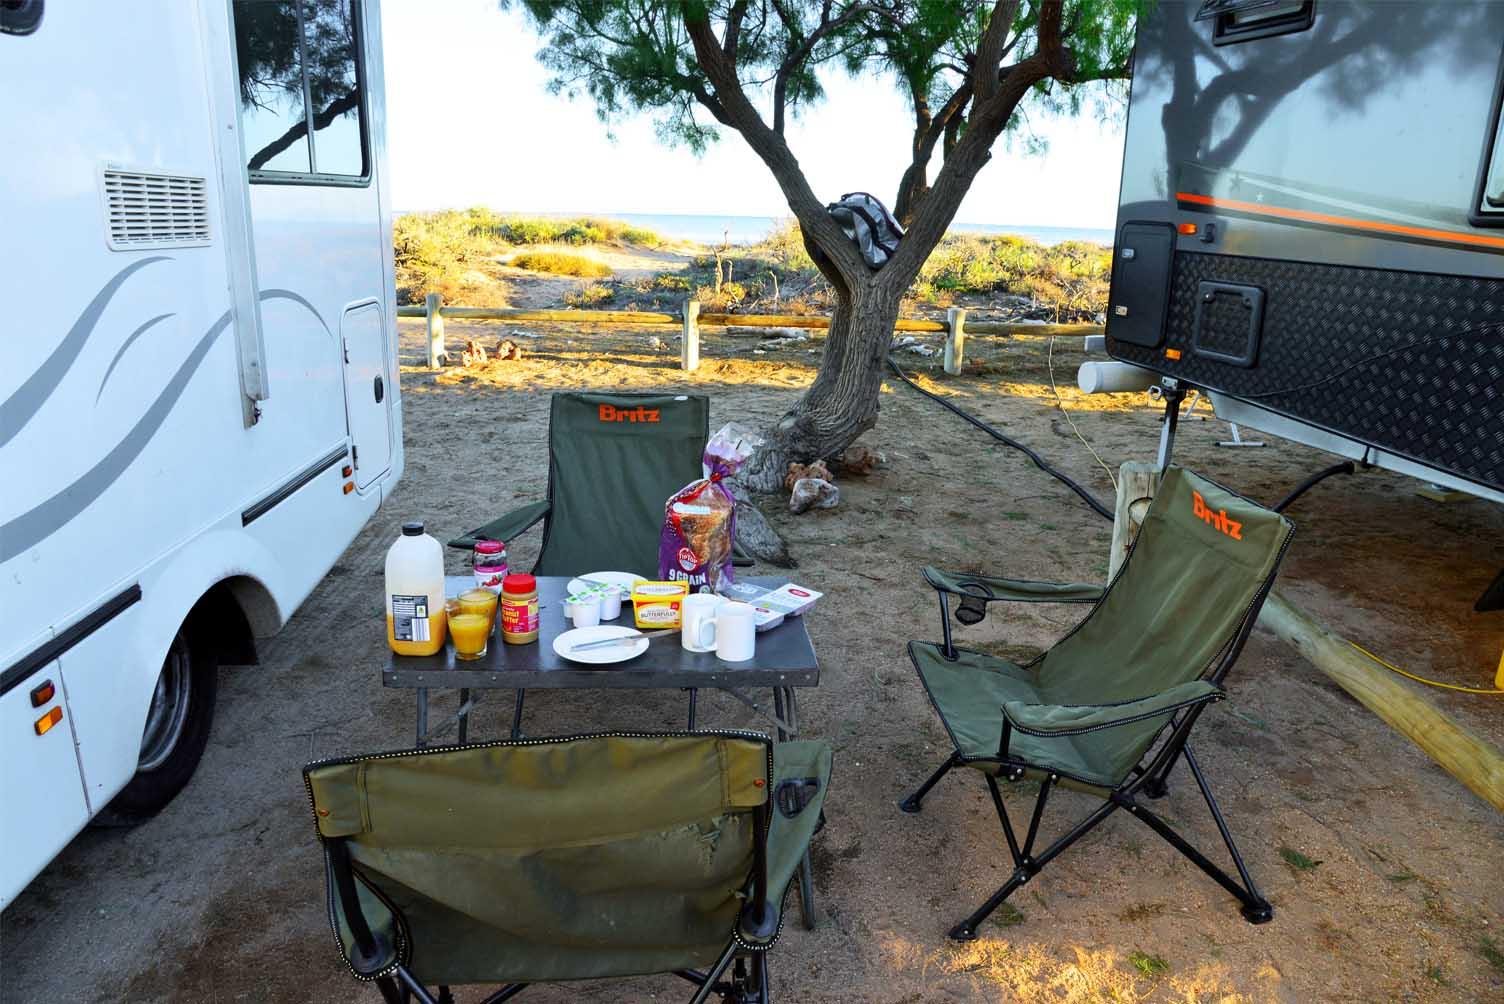 Einkaufen fürs Camper Meal